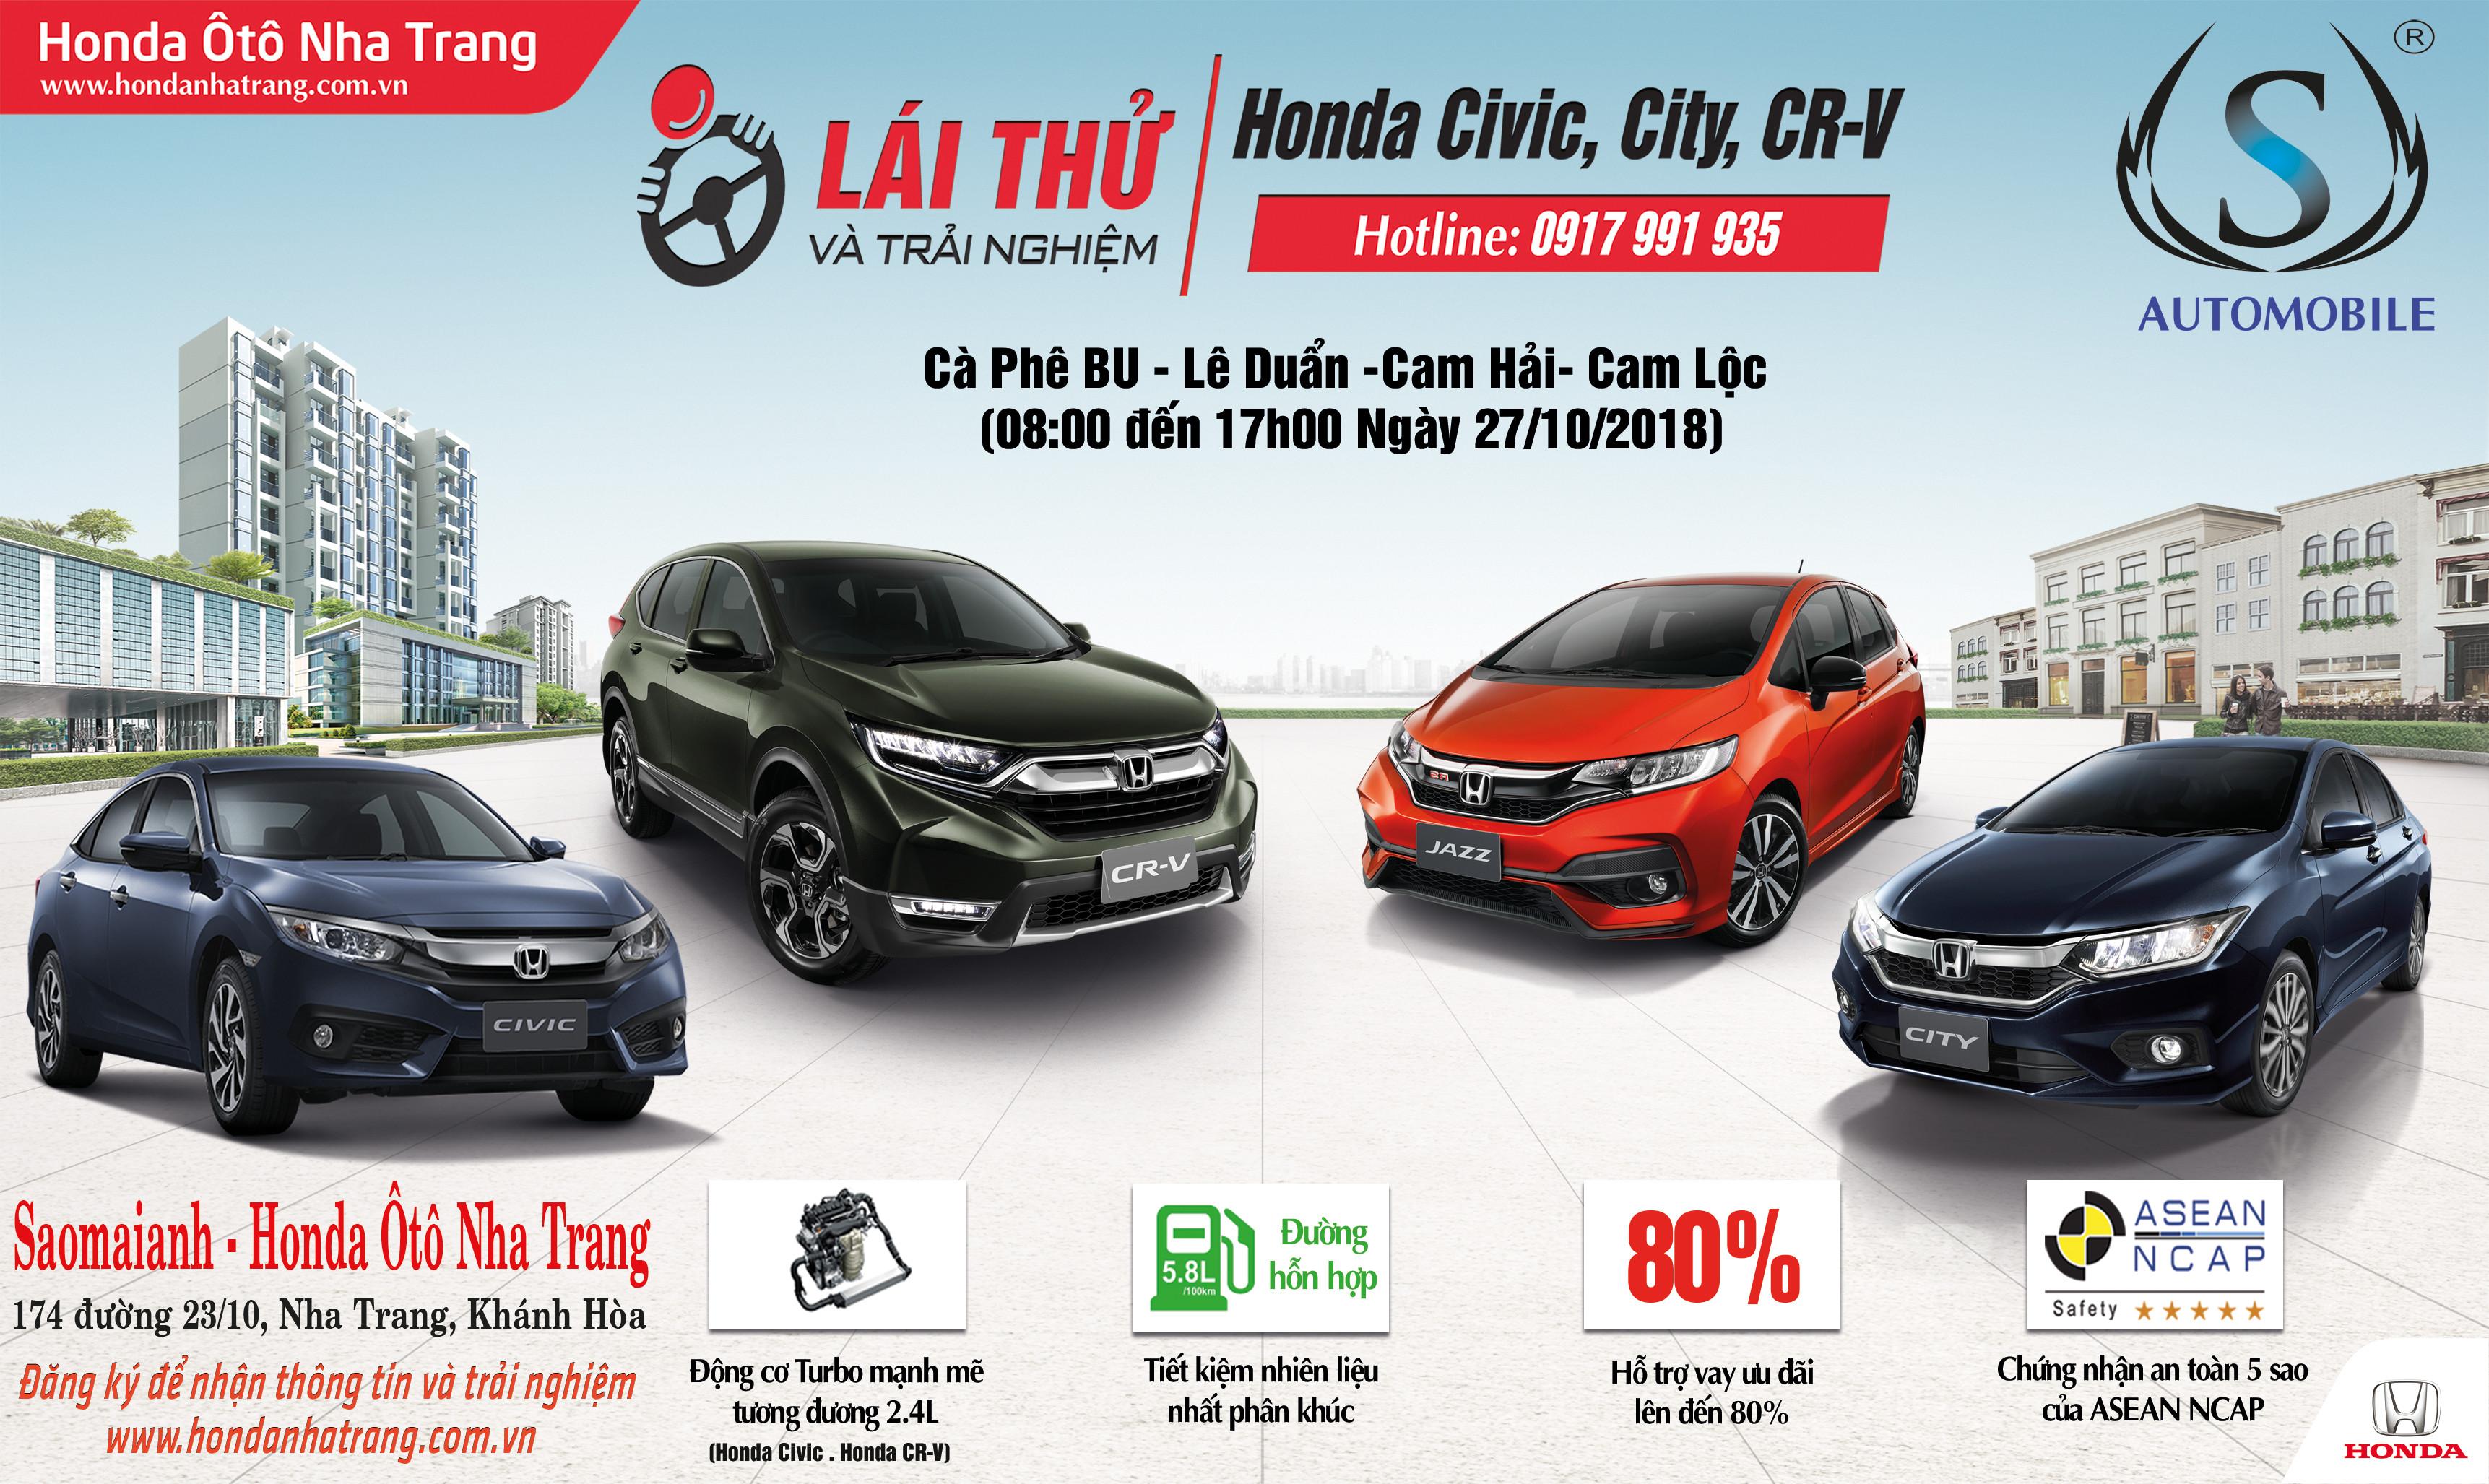 Trải nghiệm & Lái thử Honda Ôtô của Honda Ôtô Nha Trang tại Cam Ranh, Khánh Hòa